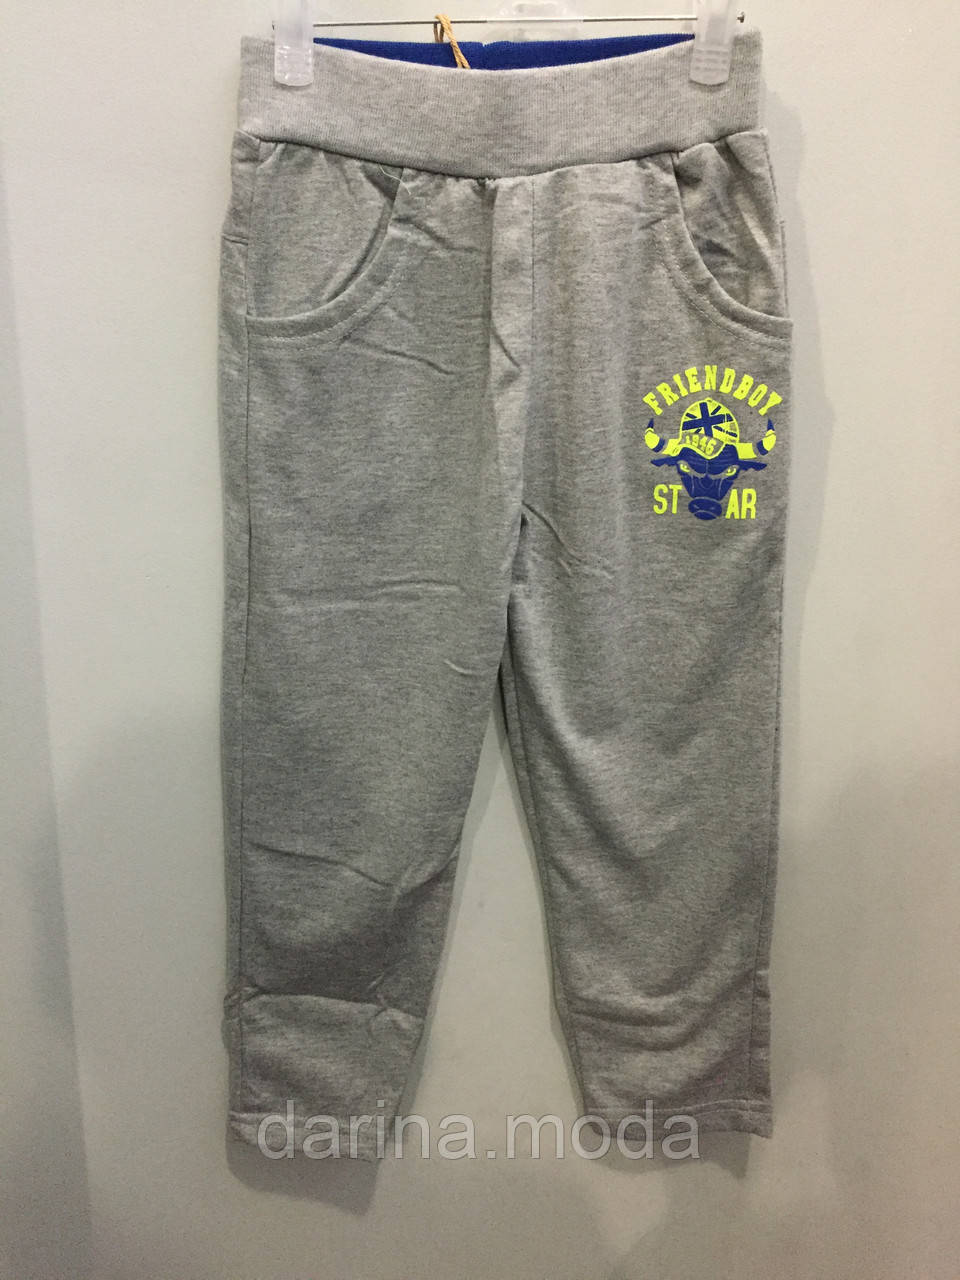 Детские спортивные брюки на мальчика 110,116 см